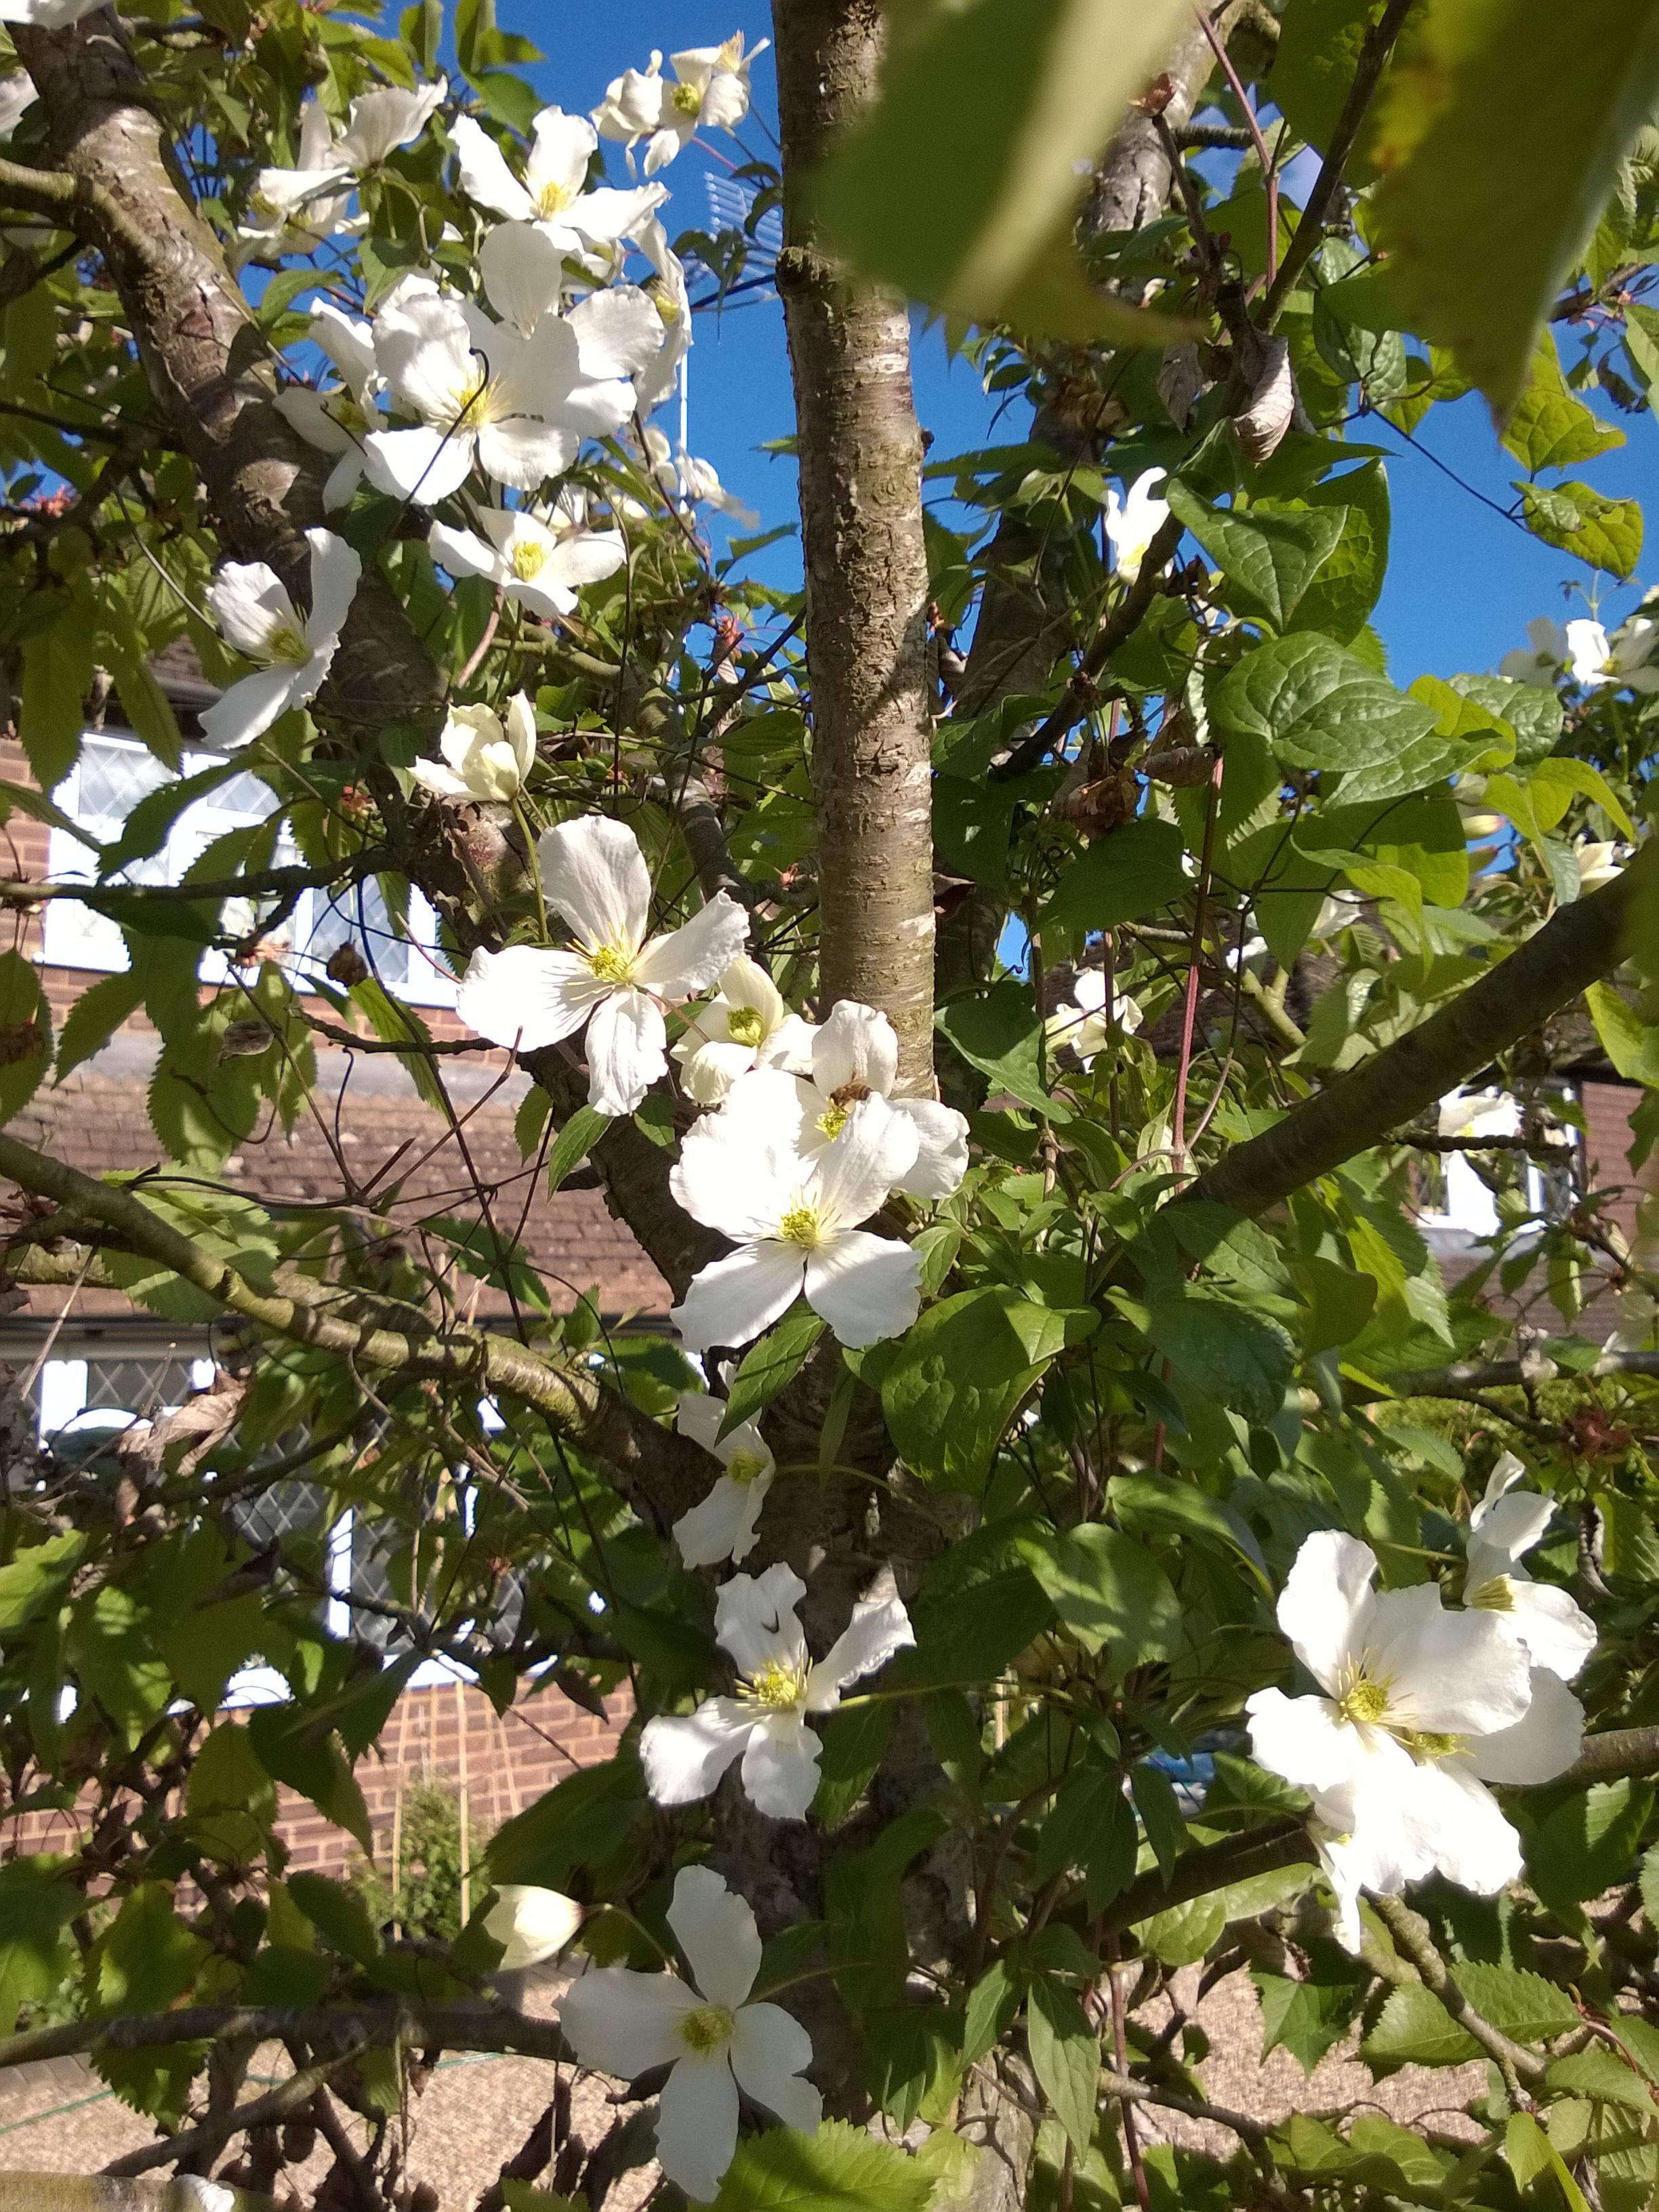 Clematis Montana Wilsonii in Flower